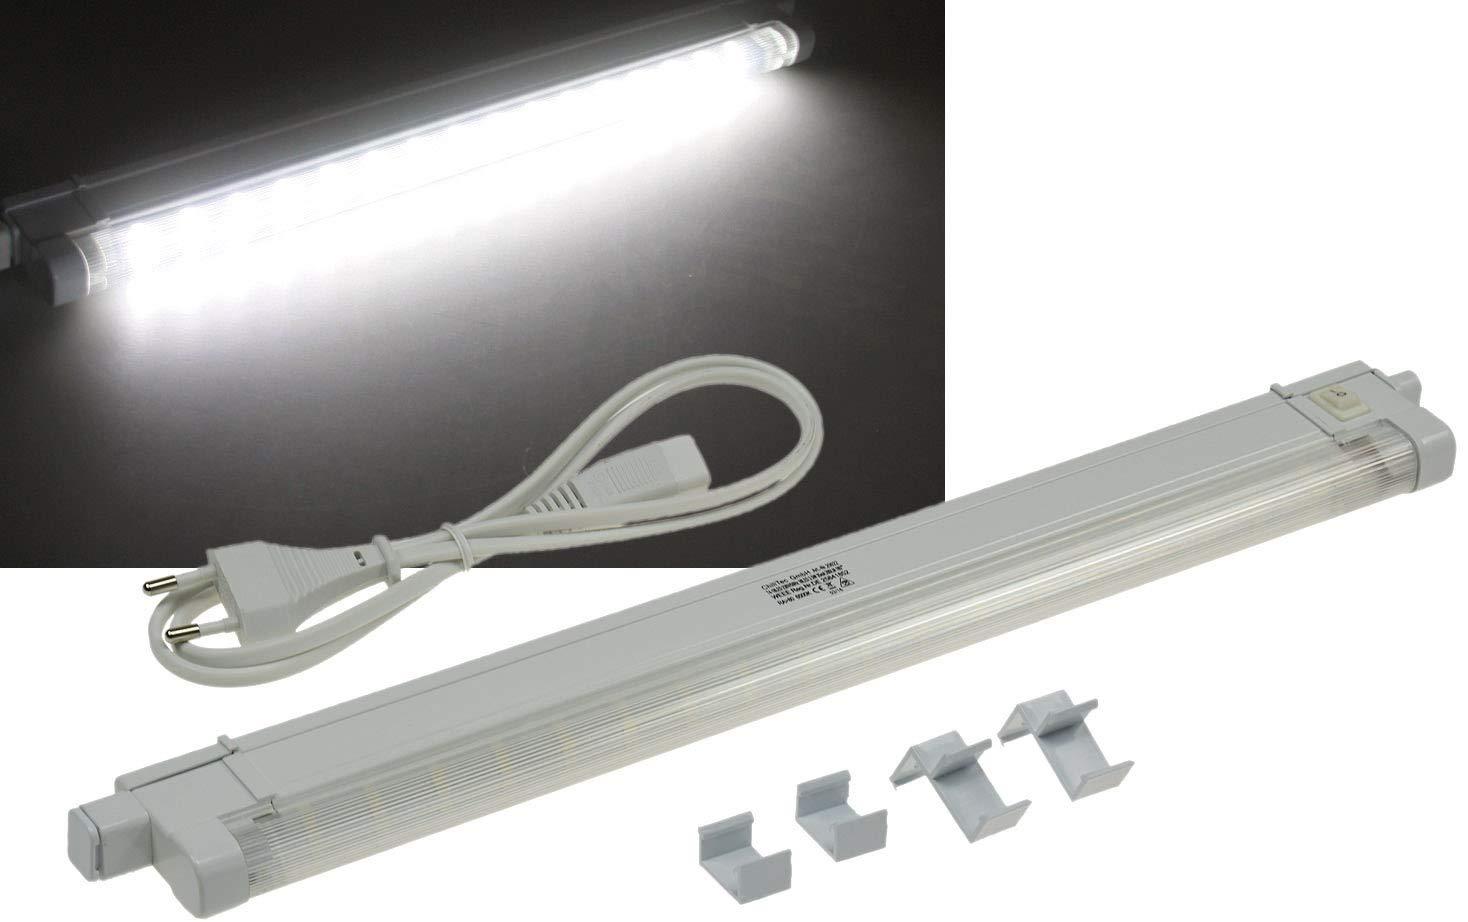 Plafoniere Neon Per Ufficio Prezzi : Illuminazione led ufficio prezzi a lampade